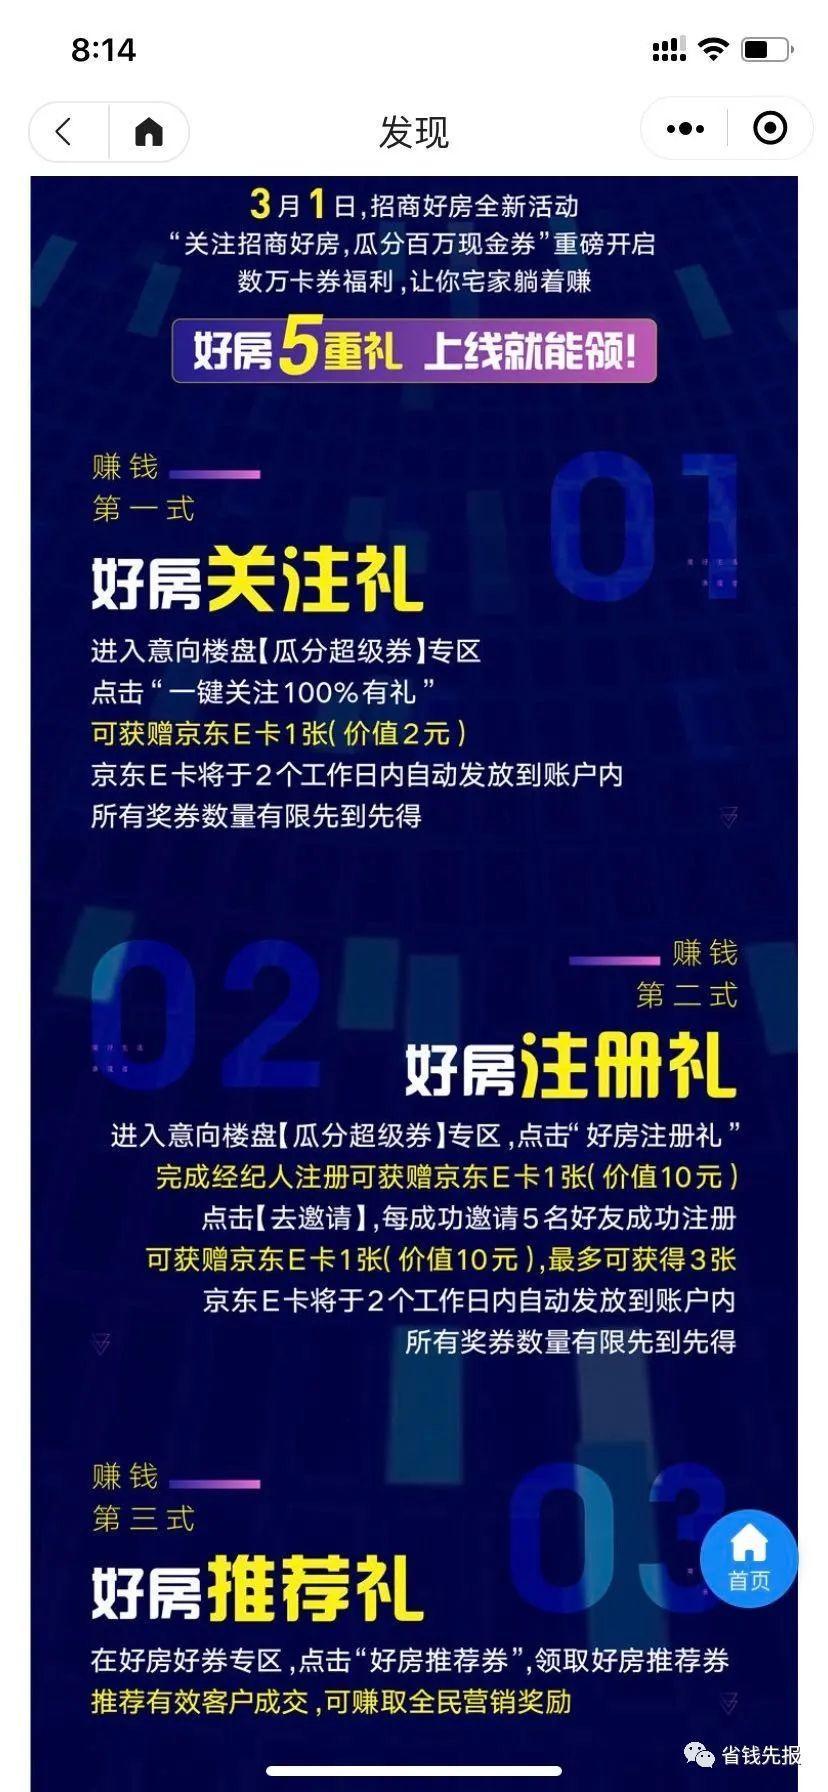 参与就送京东E卡活动领500+40+10元!